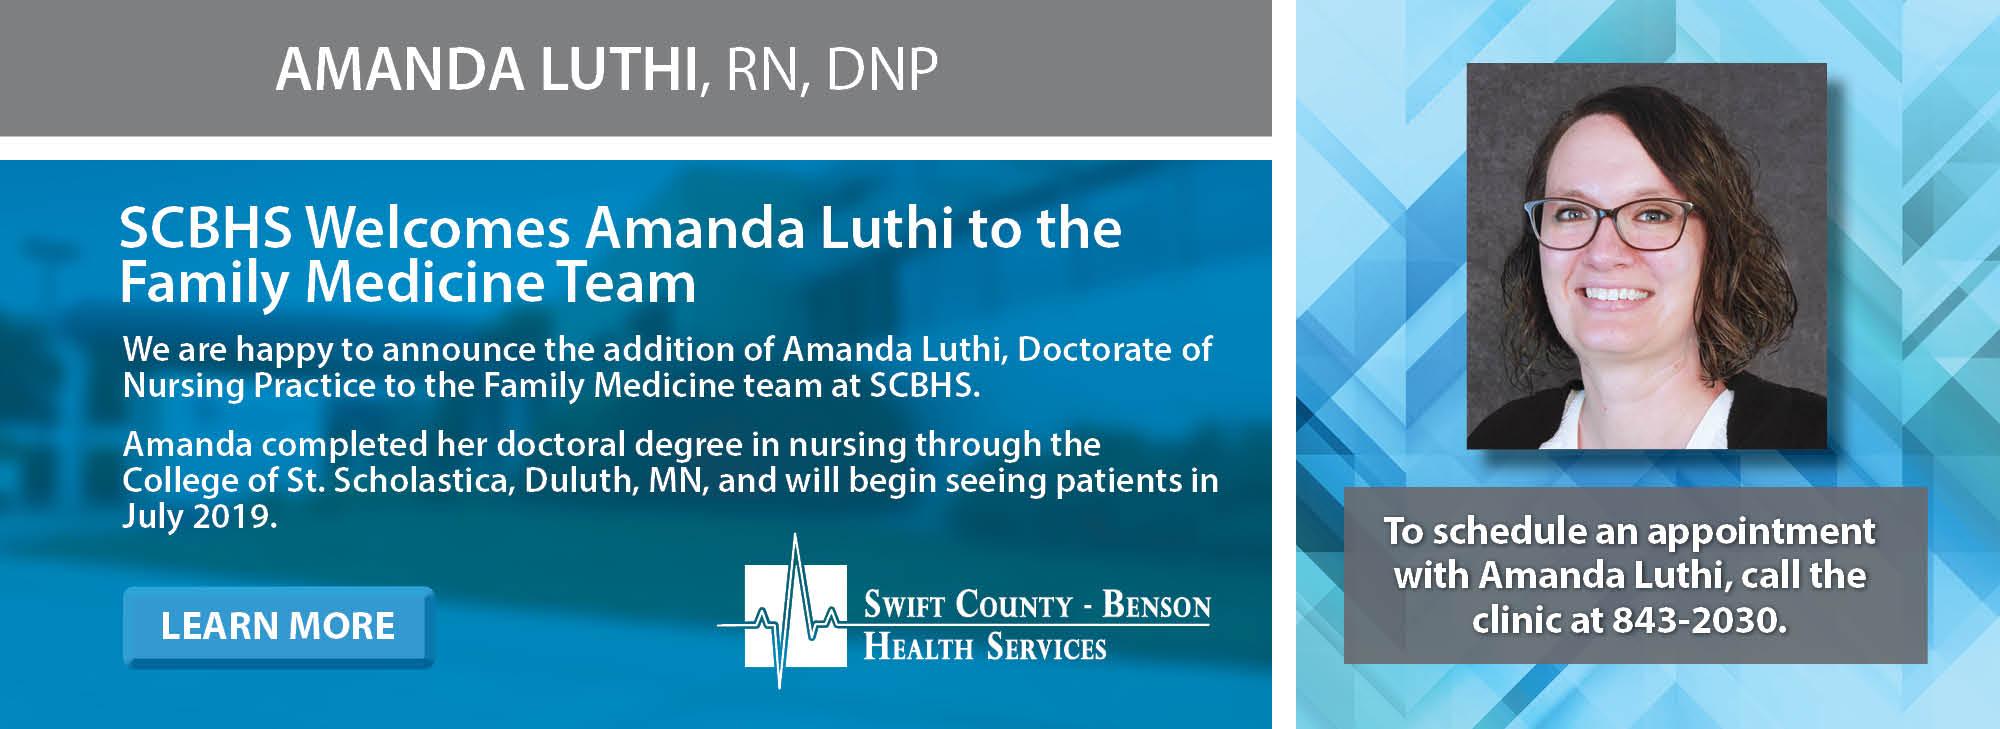 Amanda Luthi, DNP